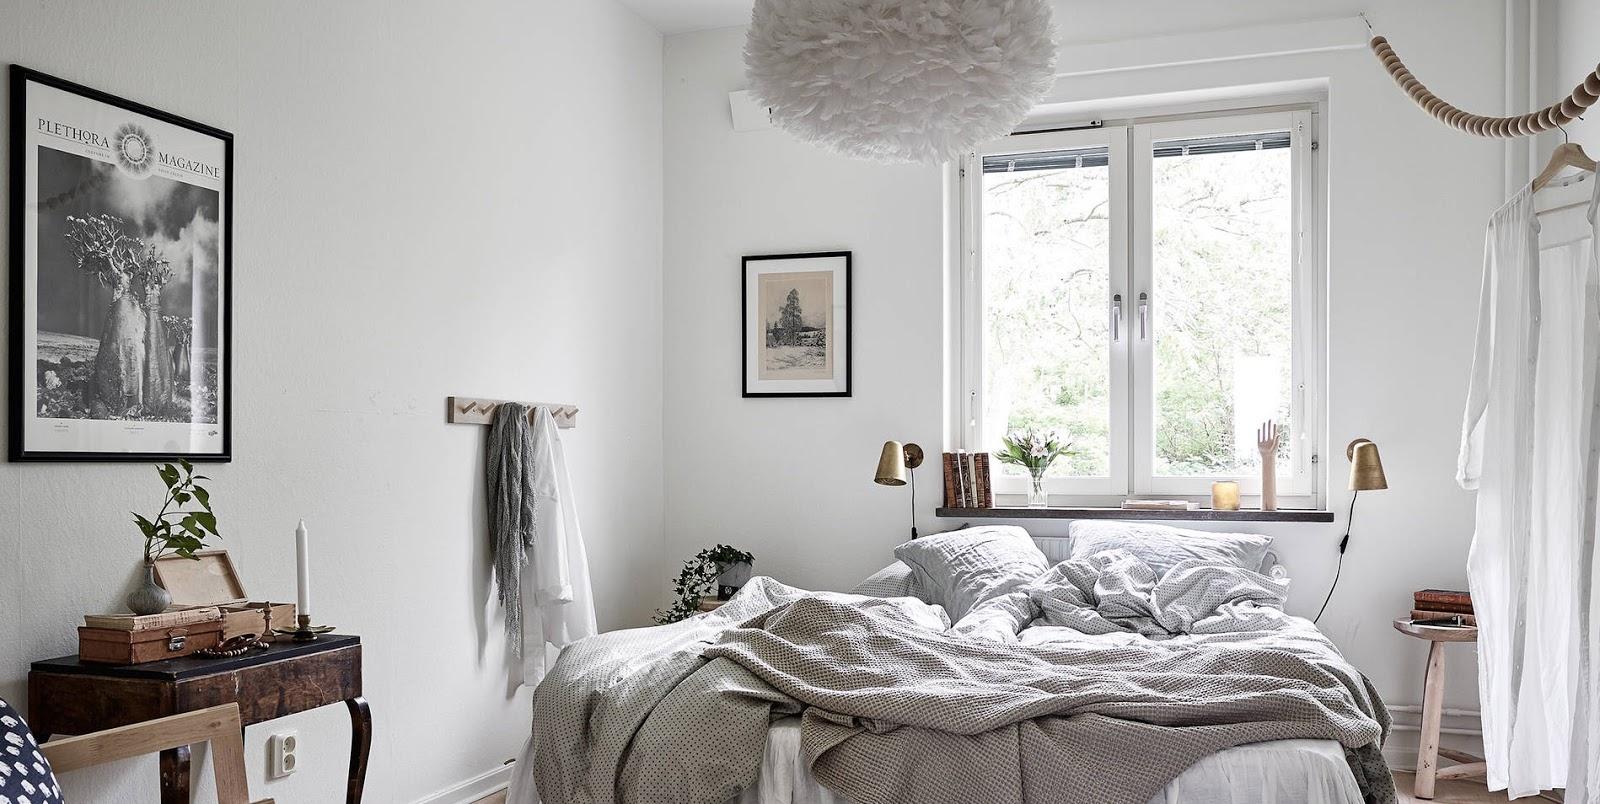 Idee per arredare una camera da letto in accogliente stile nordico  ARC ART blog by Daniele Drigo